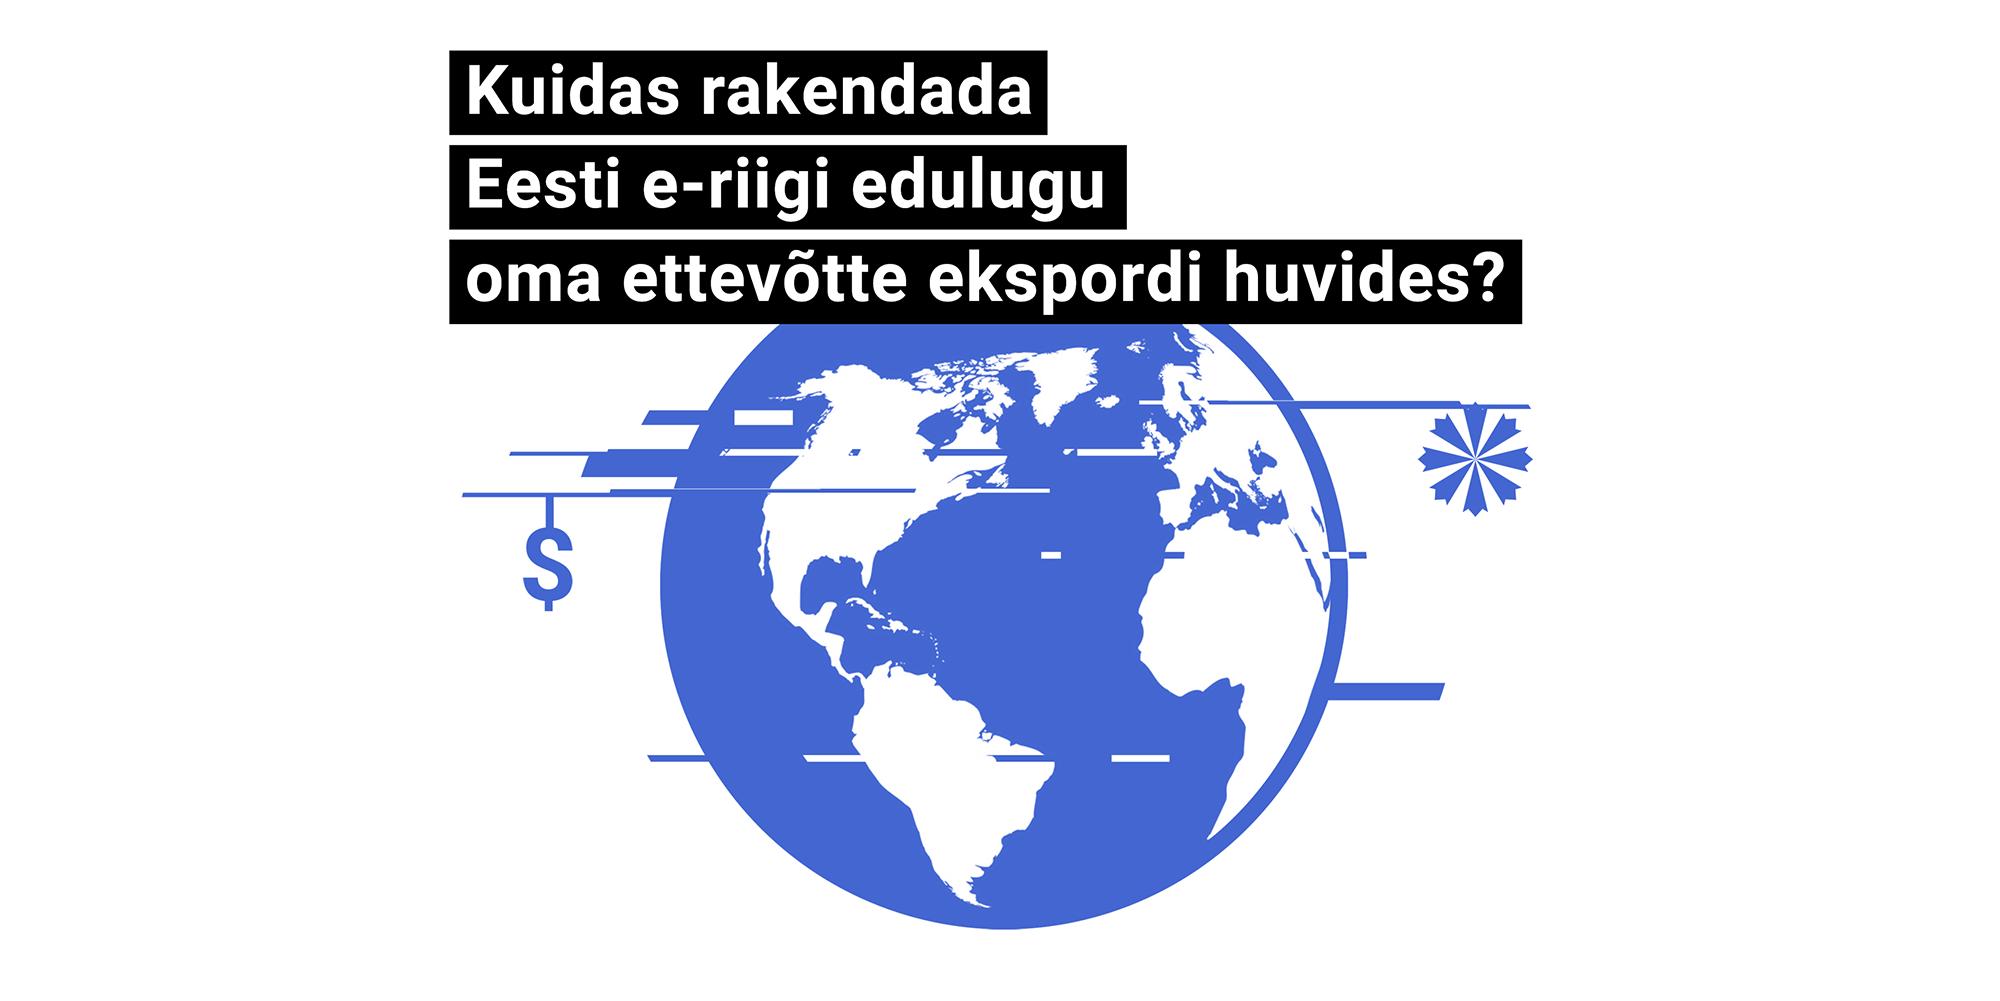 Kuidas rakendada Eesti e-riigi edulugu oma ettevõtte ekspordi huvides?